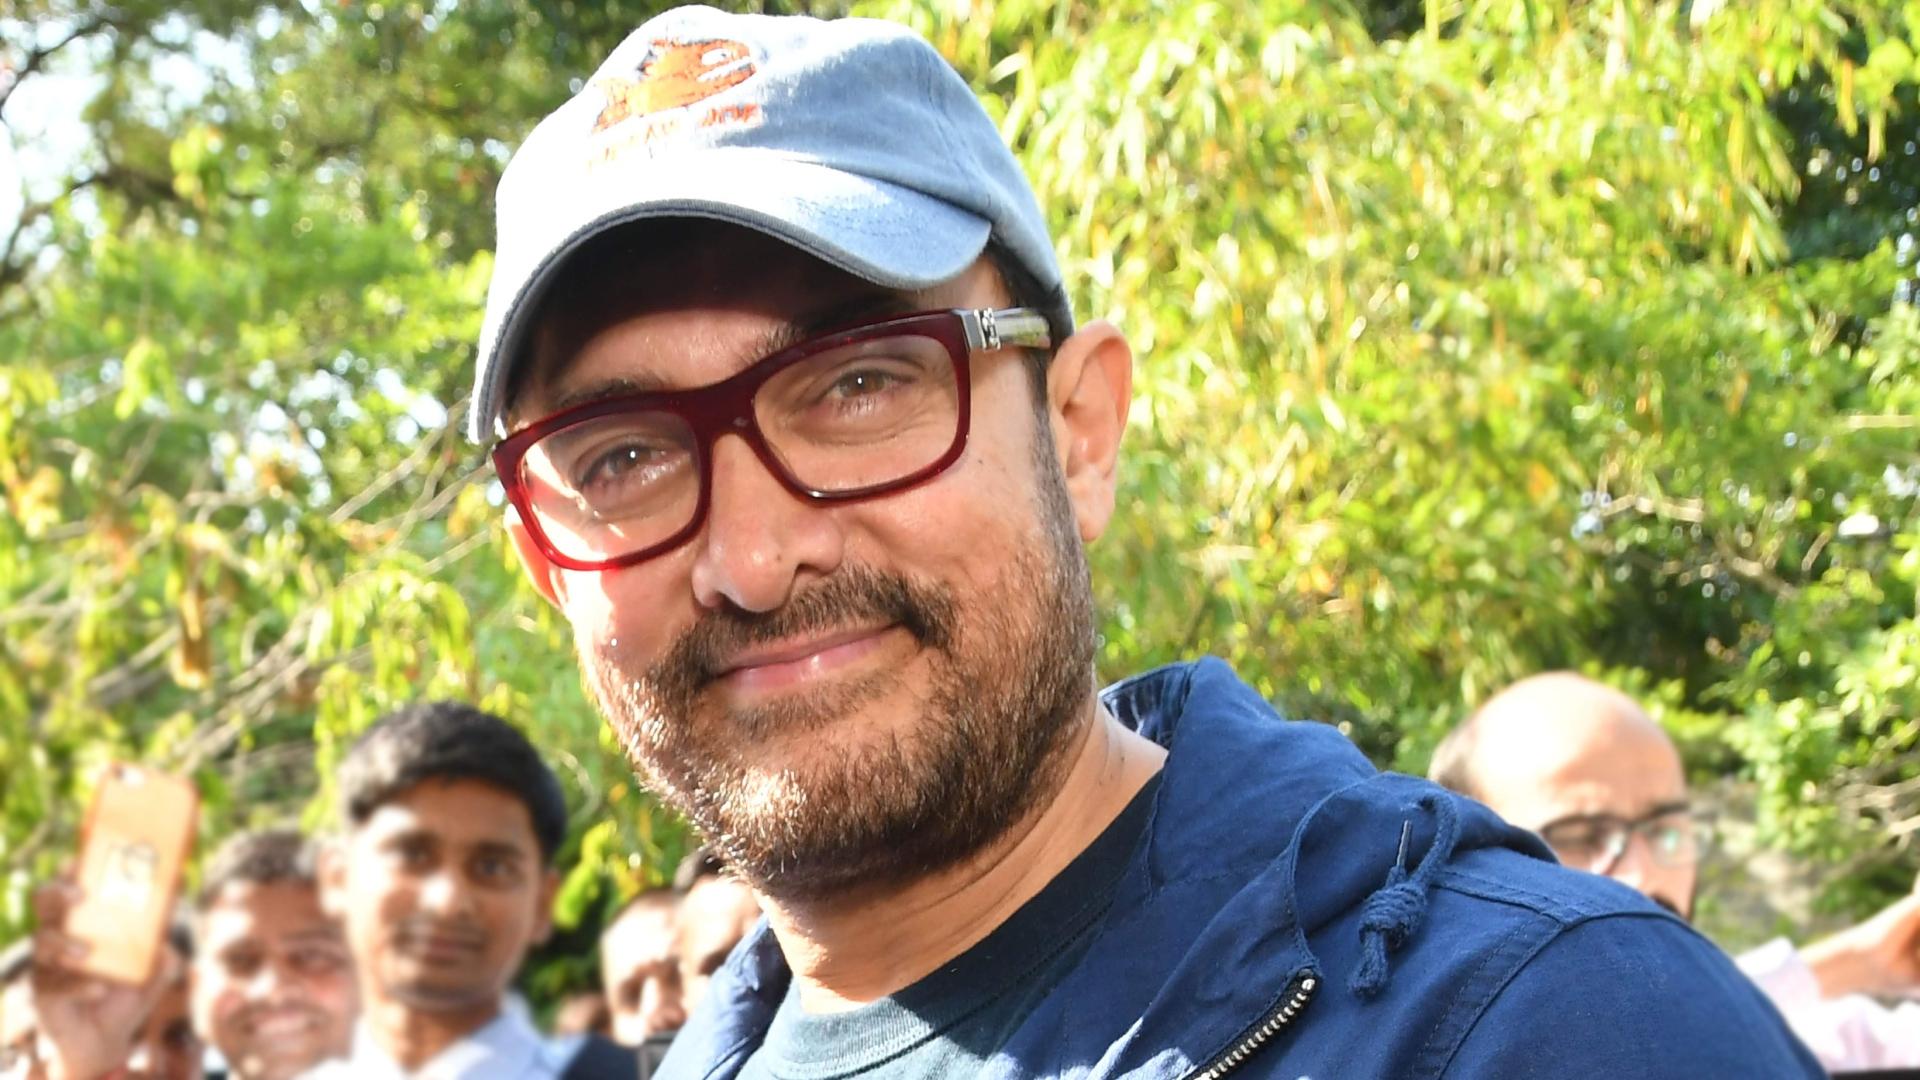 आमिर खान किसी बॉलीवुड नहीं, बल्कि इस पाकिस्तानी एक्टर की एक्टिंग के हैं कायल